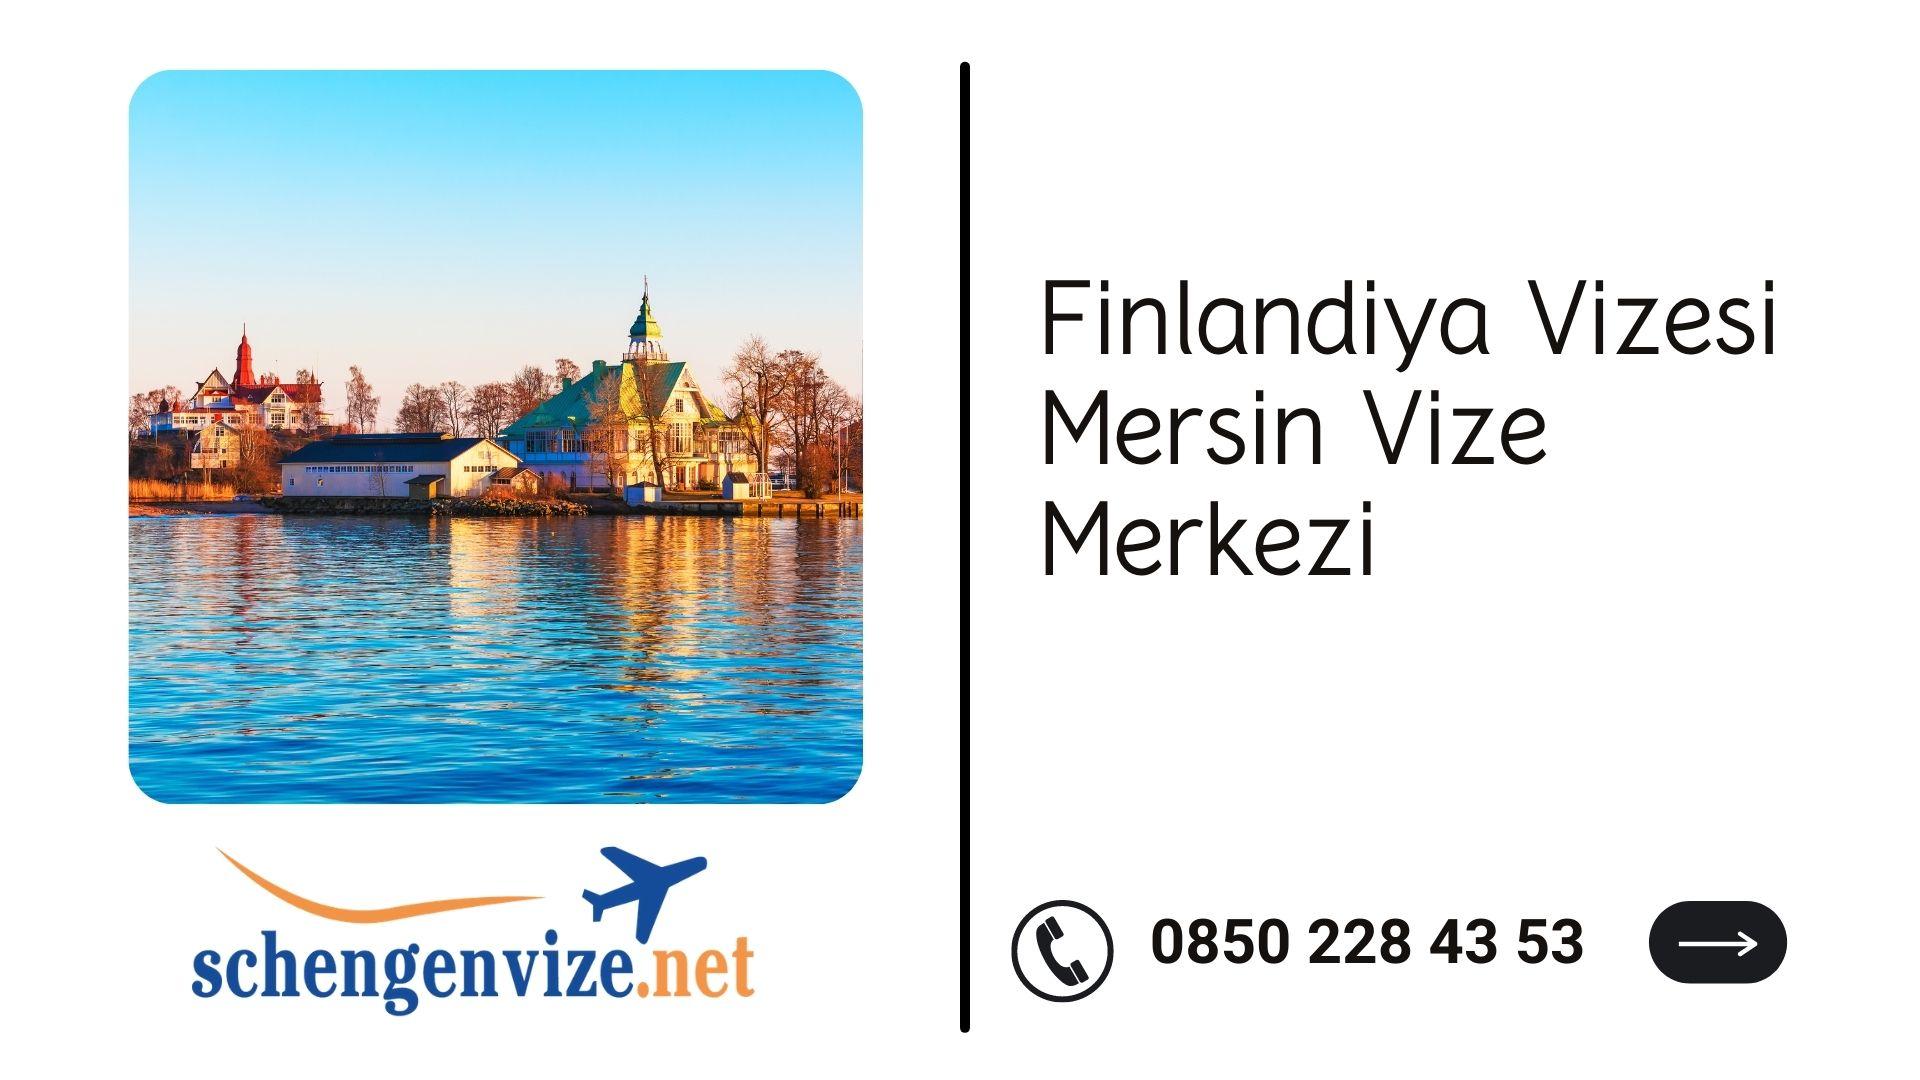 Finlandiya Vizesi Mersin Vize Merkezi